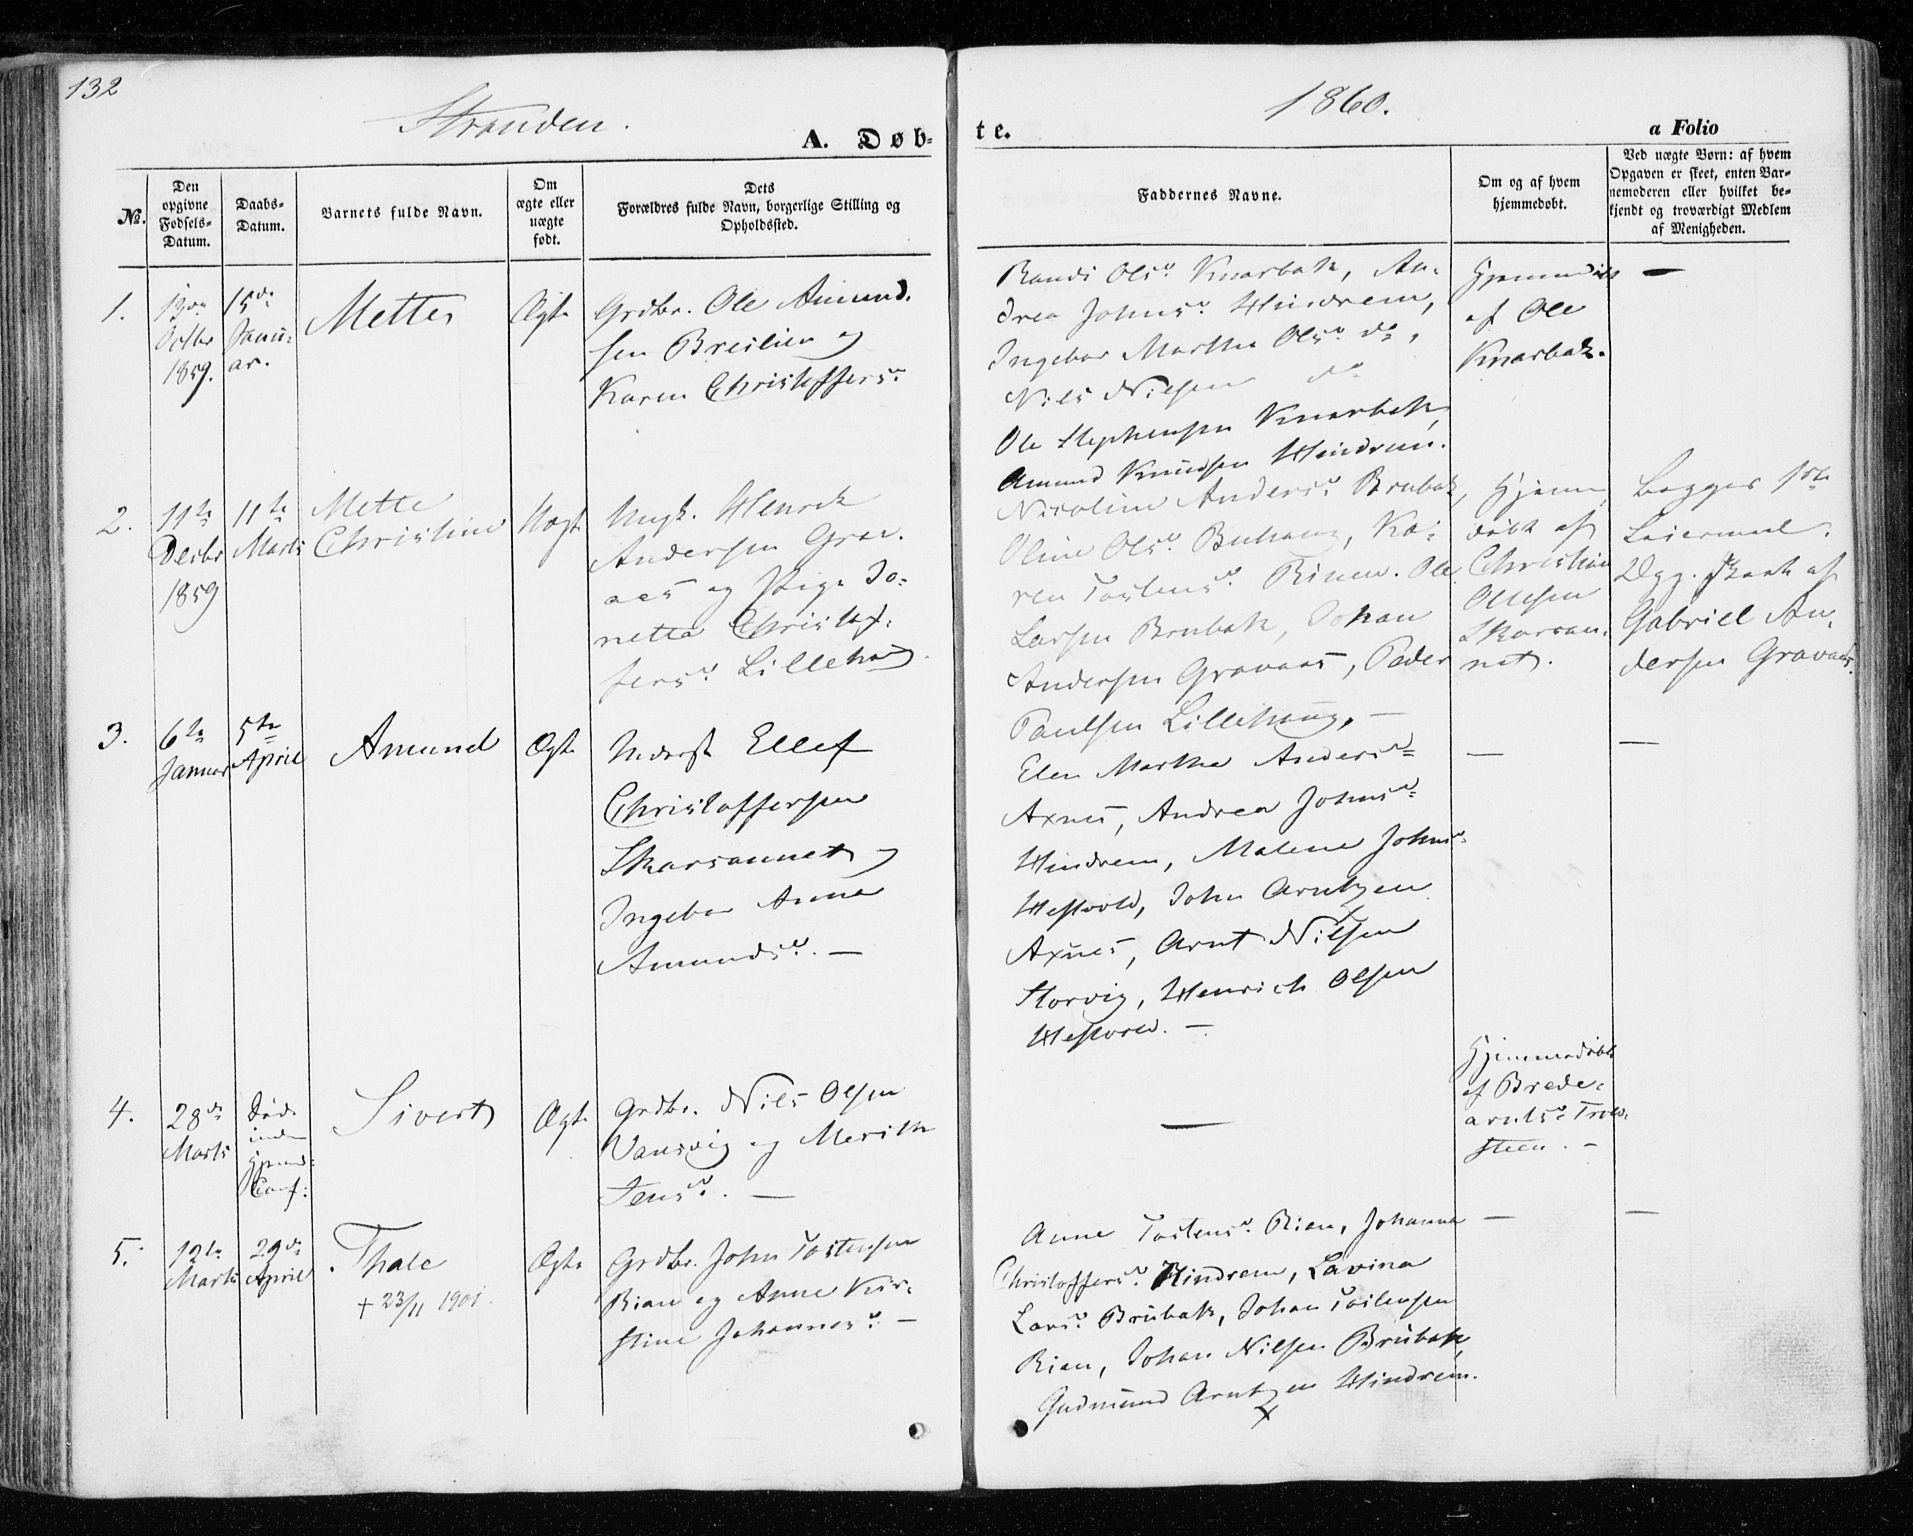 SAT, Ministerialprotokoller, klokkerbøker og fødselsregistre - Nord-Trøndelag, 701/L0008: Ministerialbok nr. 701A08 /2, 1854-1863, s. 132